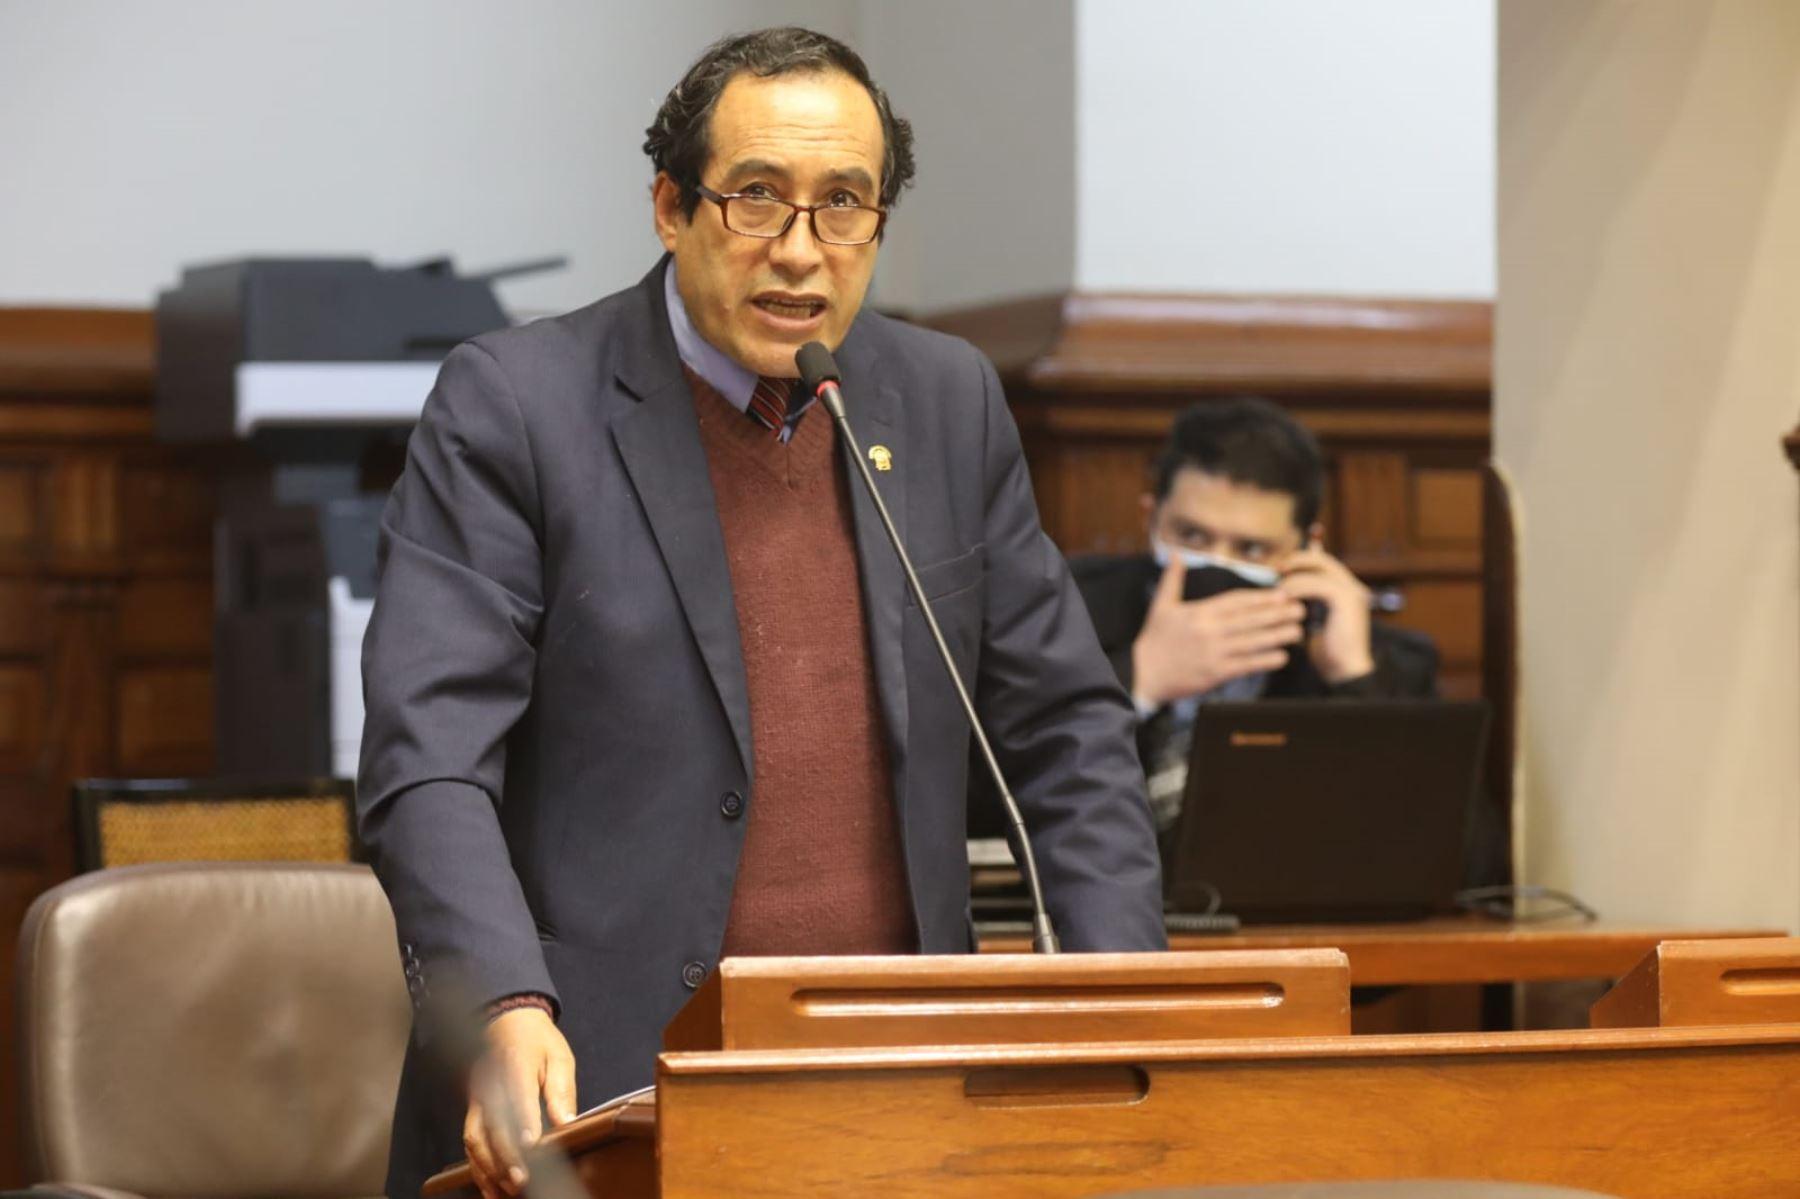 Congresista Jorge Vásquez Becerra renuncia a bancada de Acción Popular